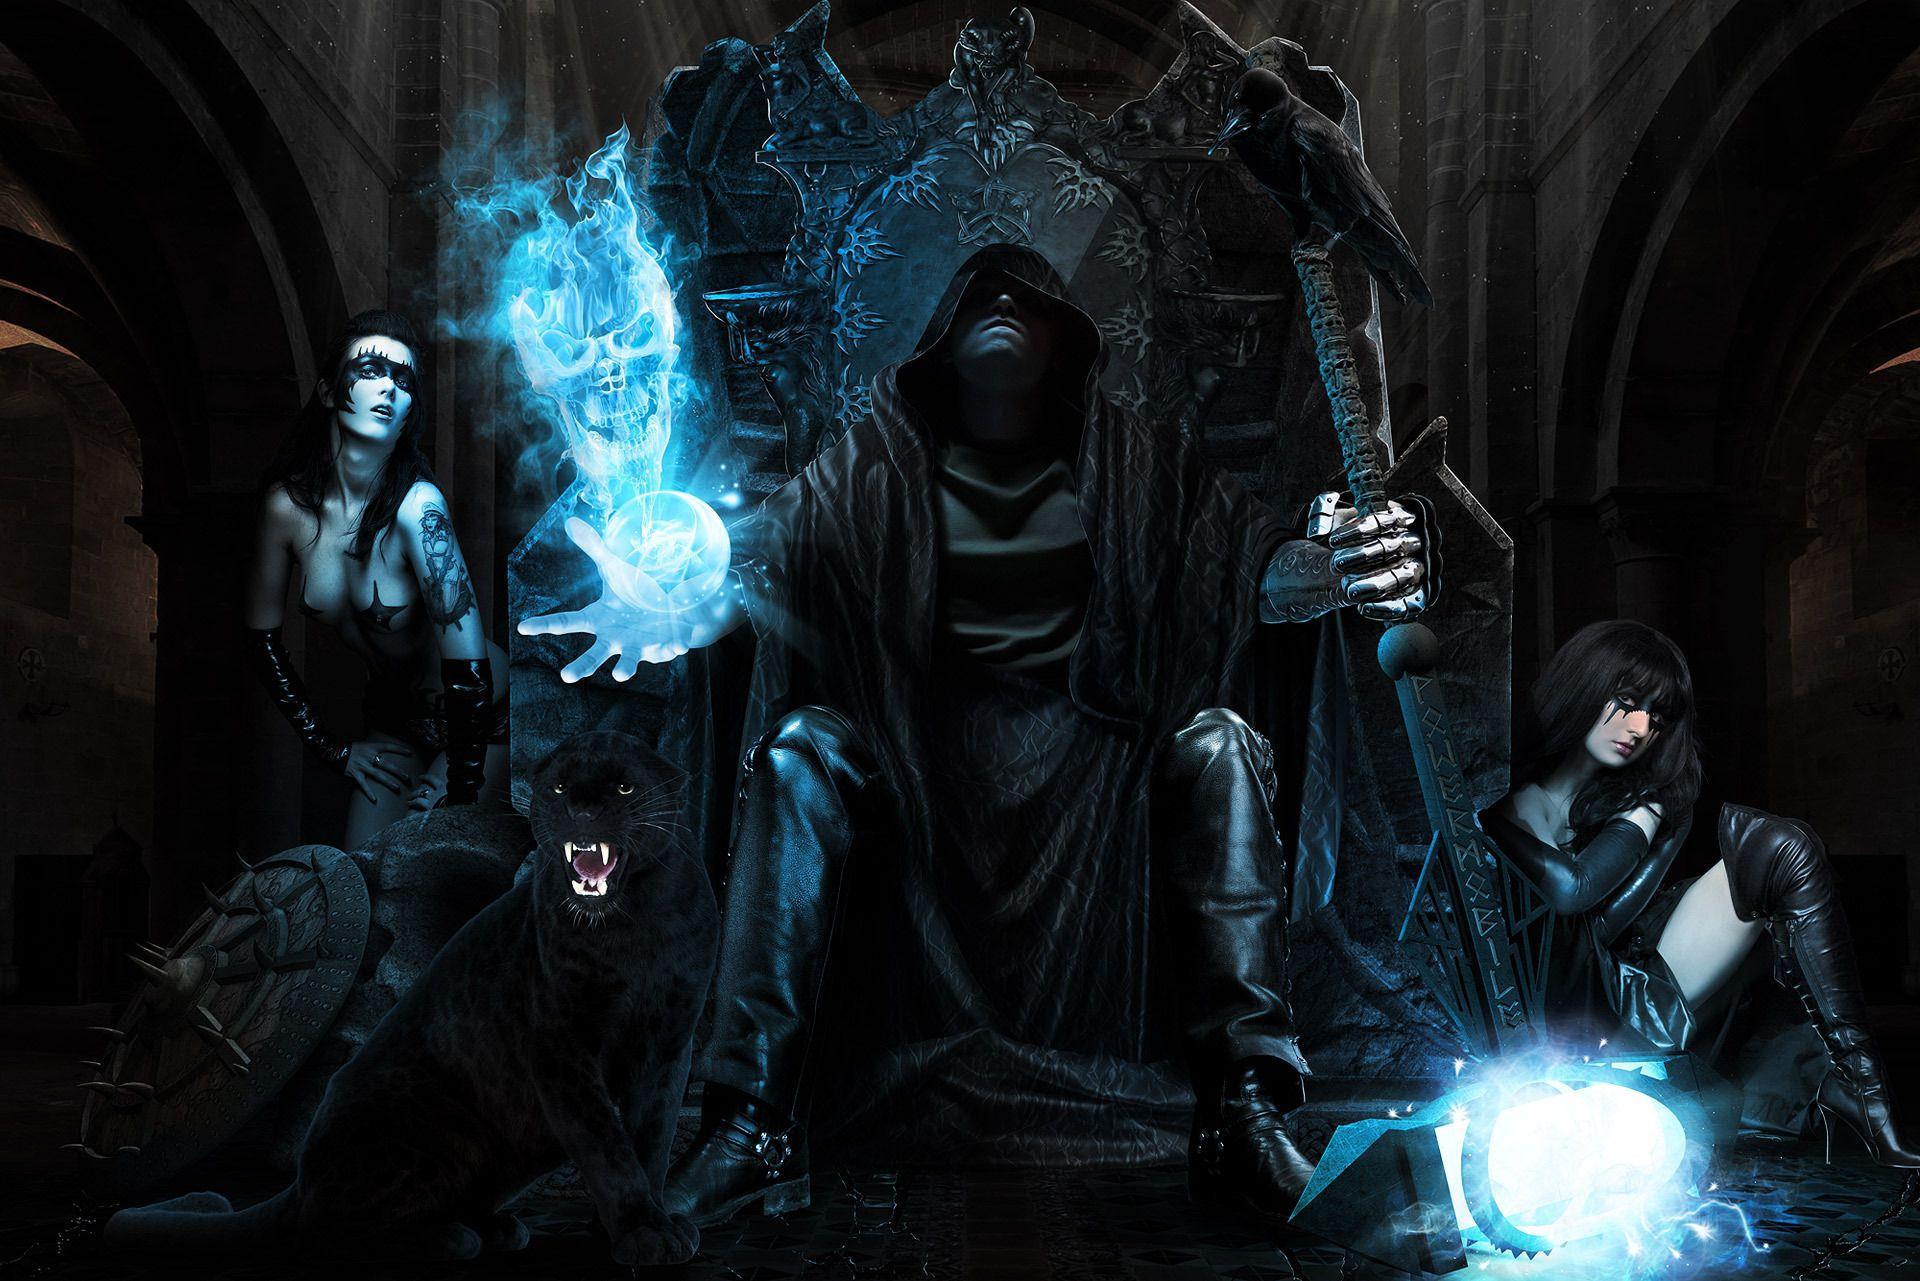 Dark Magic Wallpaper